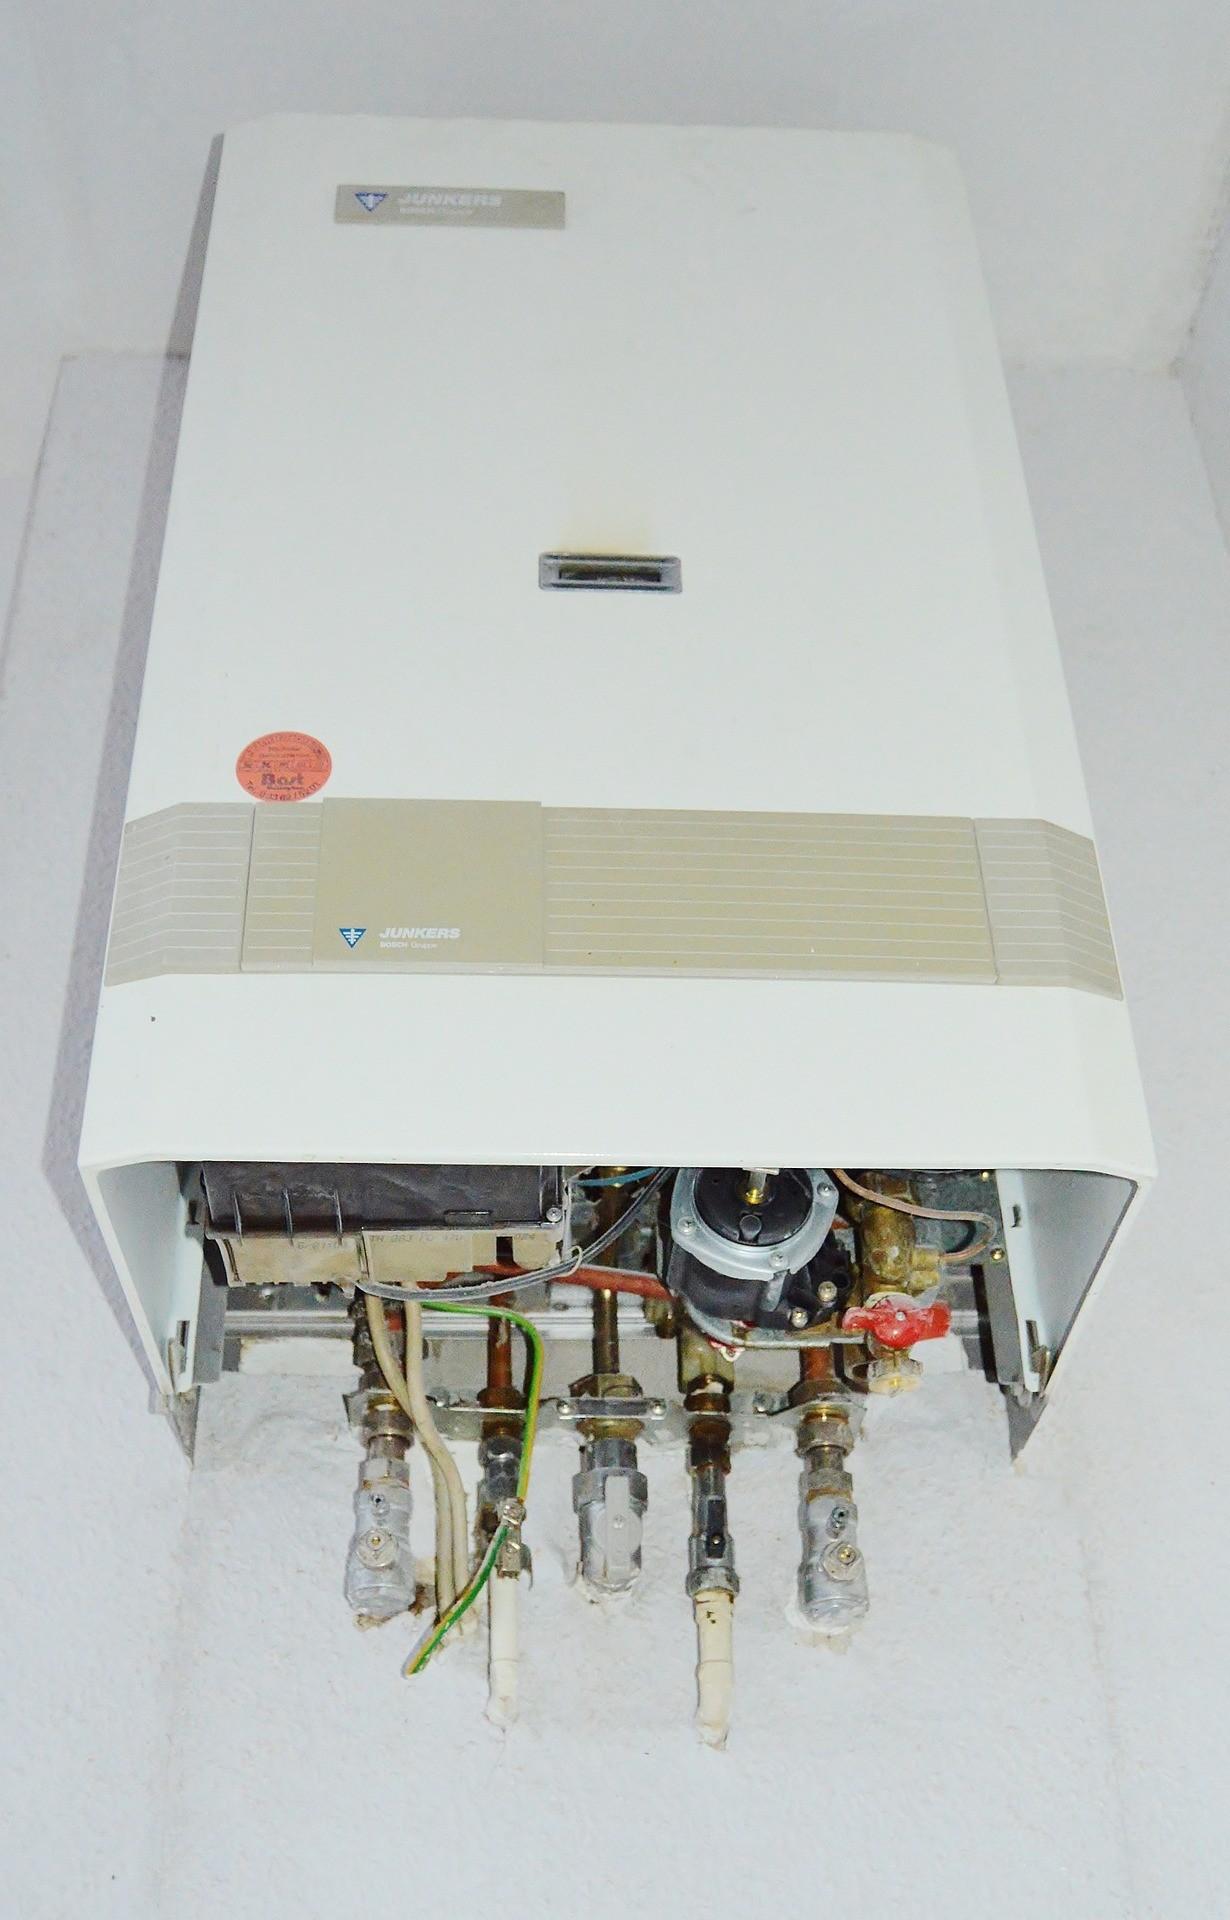 Der große Vorteil eines elektrischen Durchlauferhitzers, ist der einfache Anschluss. Für Gas-Durchlauferhitzer müssen Gasleitungen verlegt werden, was im nachhinein viel Zeit und Geld kostet.